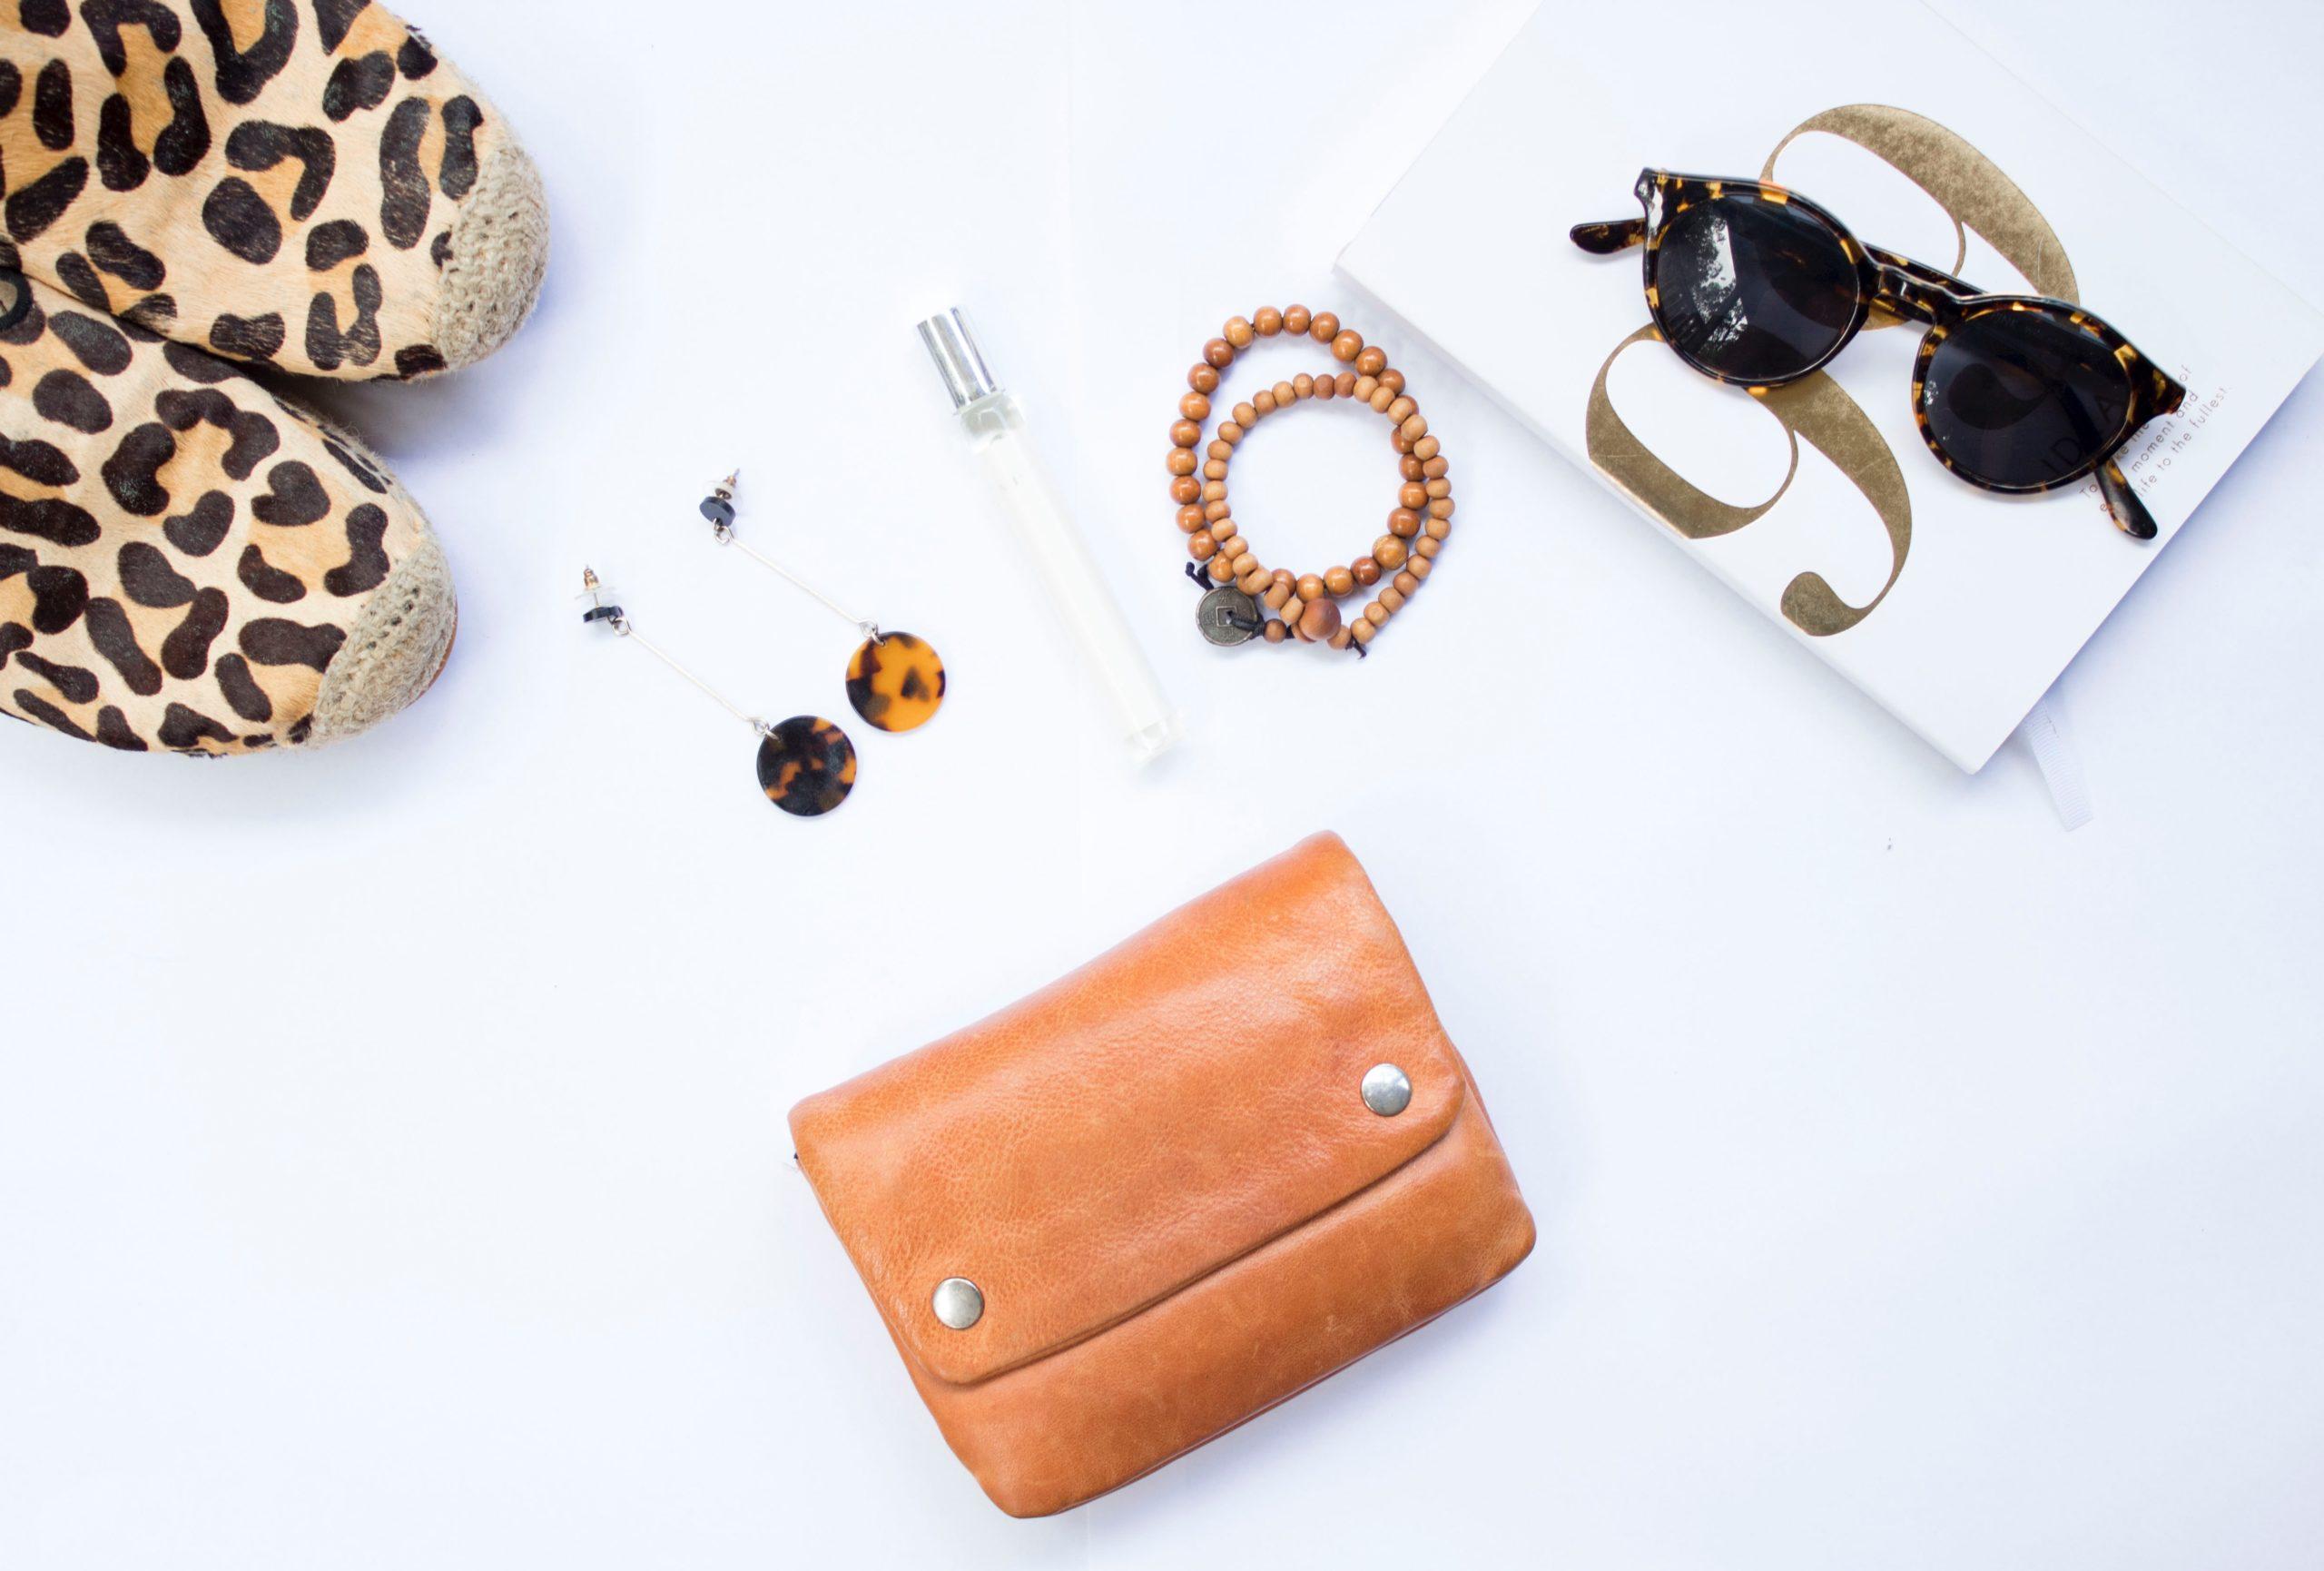 【ミニマリストの財布】女性におすすめの財布15選